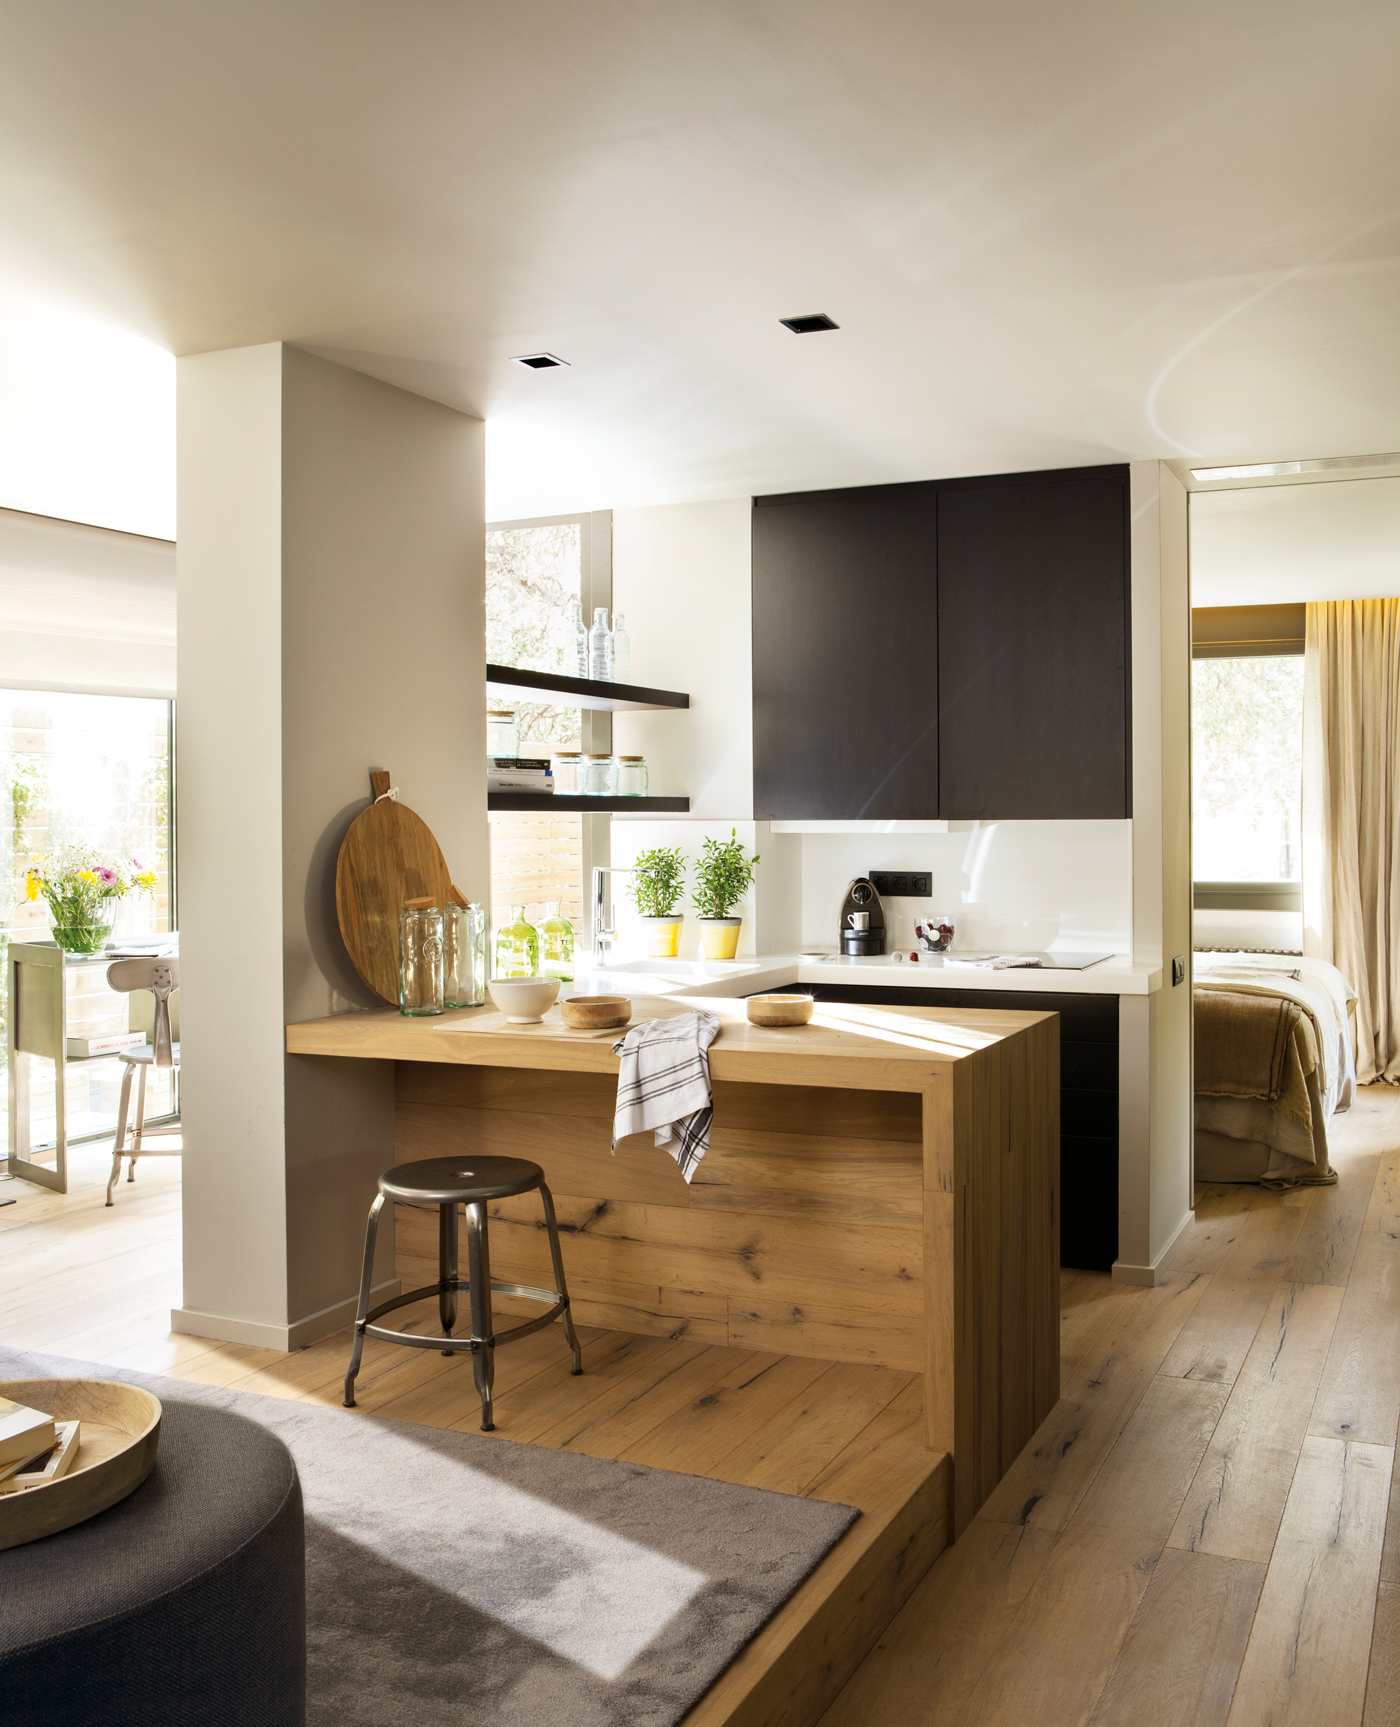 cocina con mesa integrada en saln madera y negro taburete